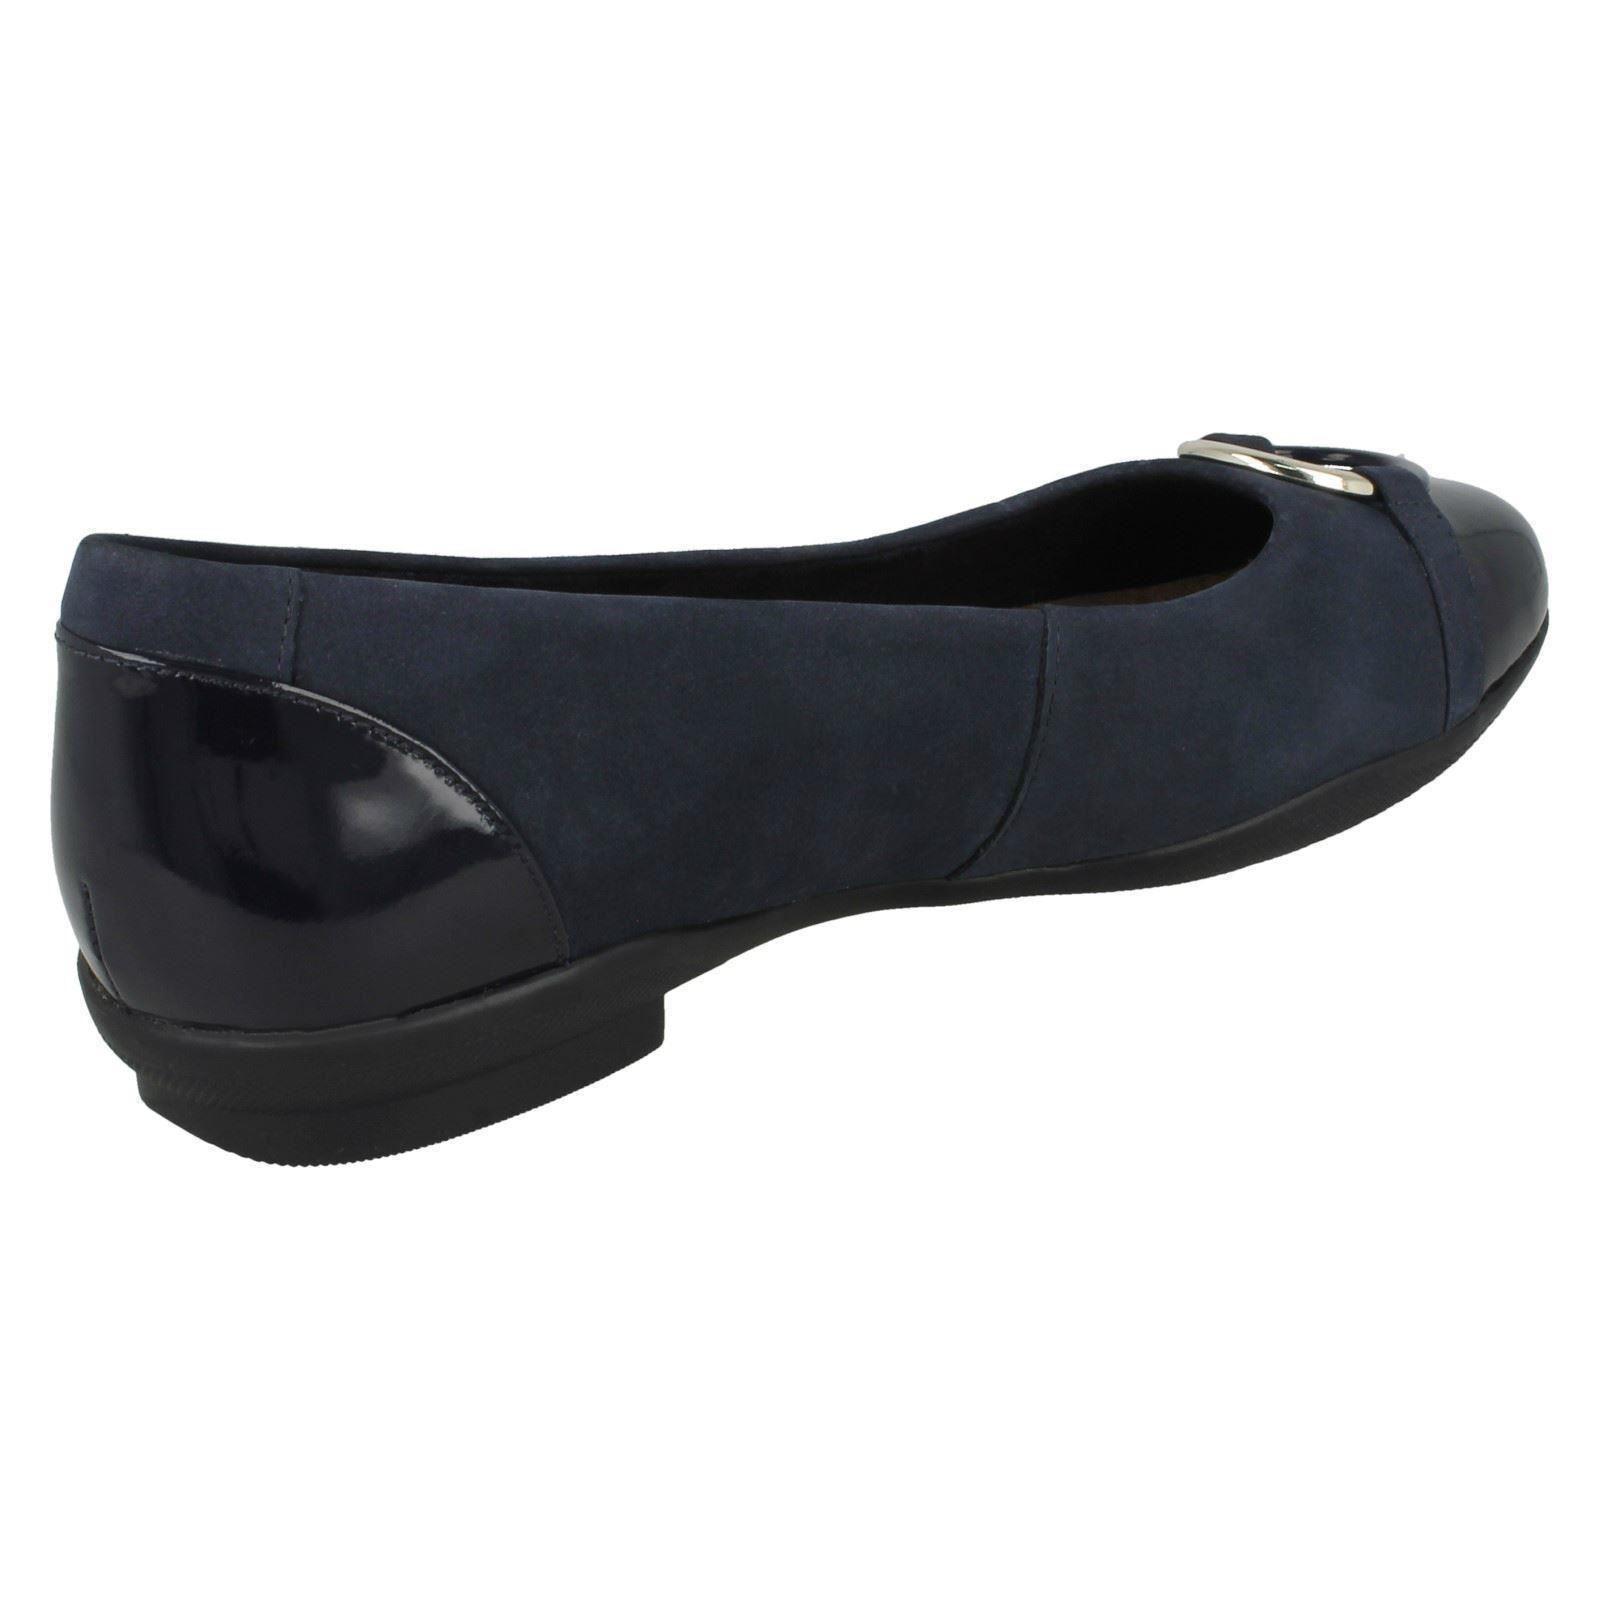 Damen-Marine Elegant Nubuk Leder Clarks Lässig Elegant Damen-Marine Dolly-Schuhe Zum Reinschlüpfen 4cdc88